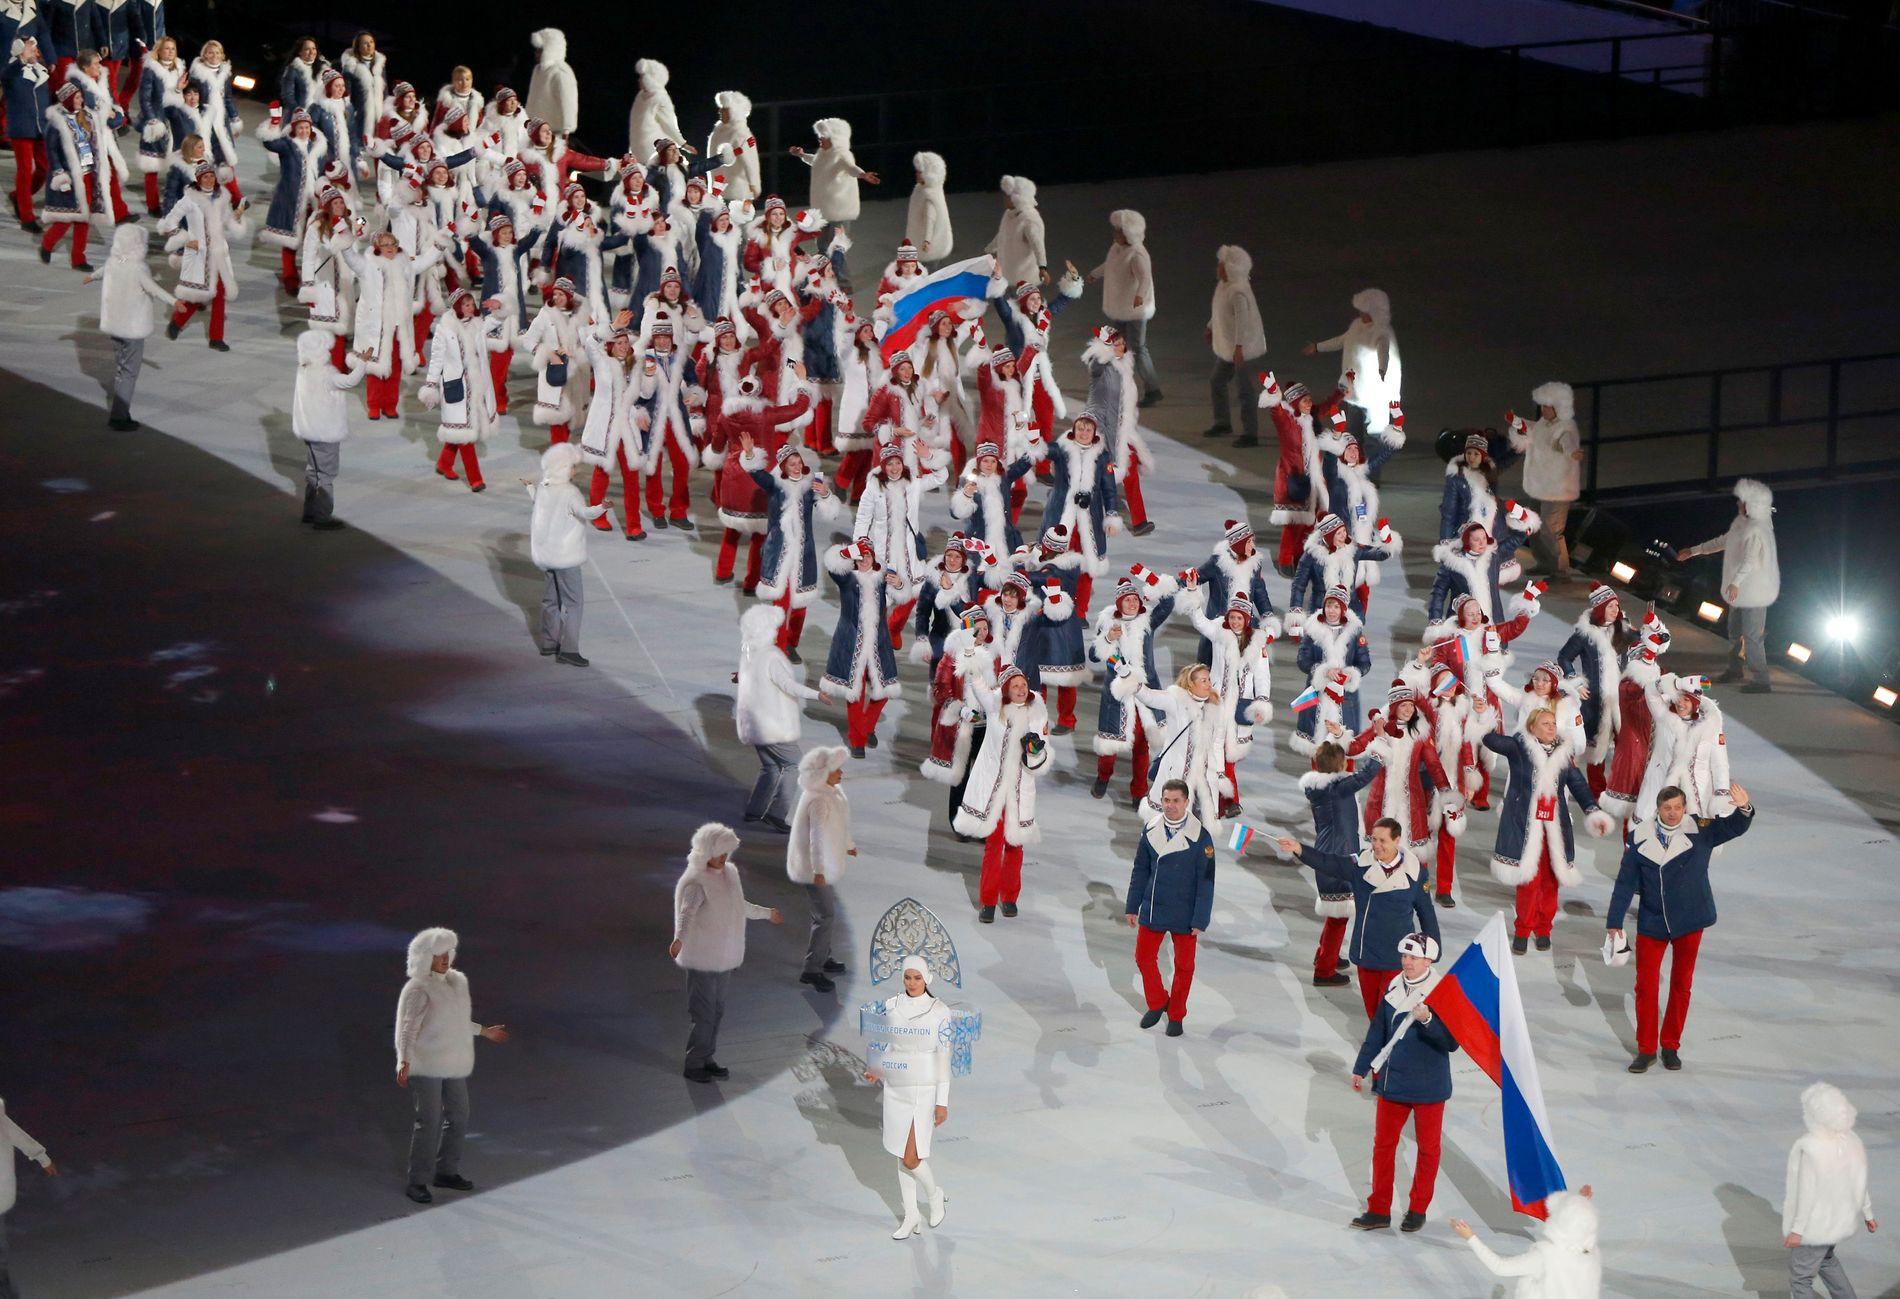 SOTSJI: Russland på vei inn på stadion under åpningsseremonien i OL i 2014. IOC-medlemmet Aleksander Zjukov går rett bak mannen som er flaggbærer, Aleksander Zubkov.